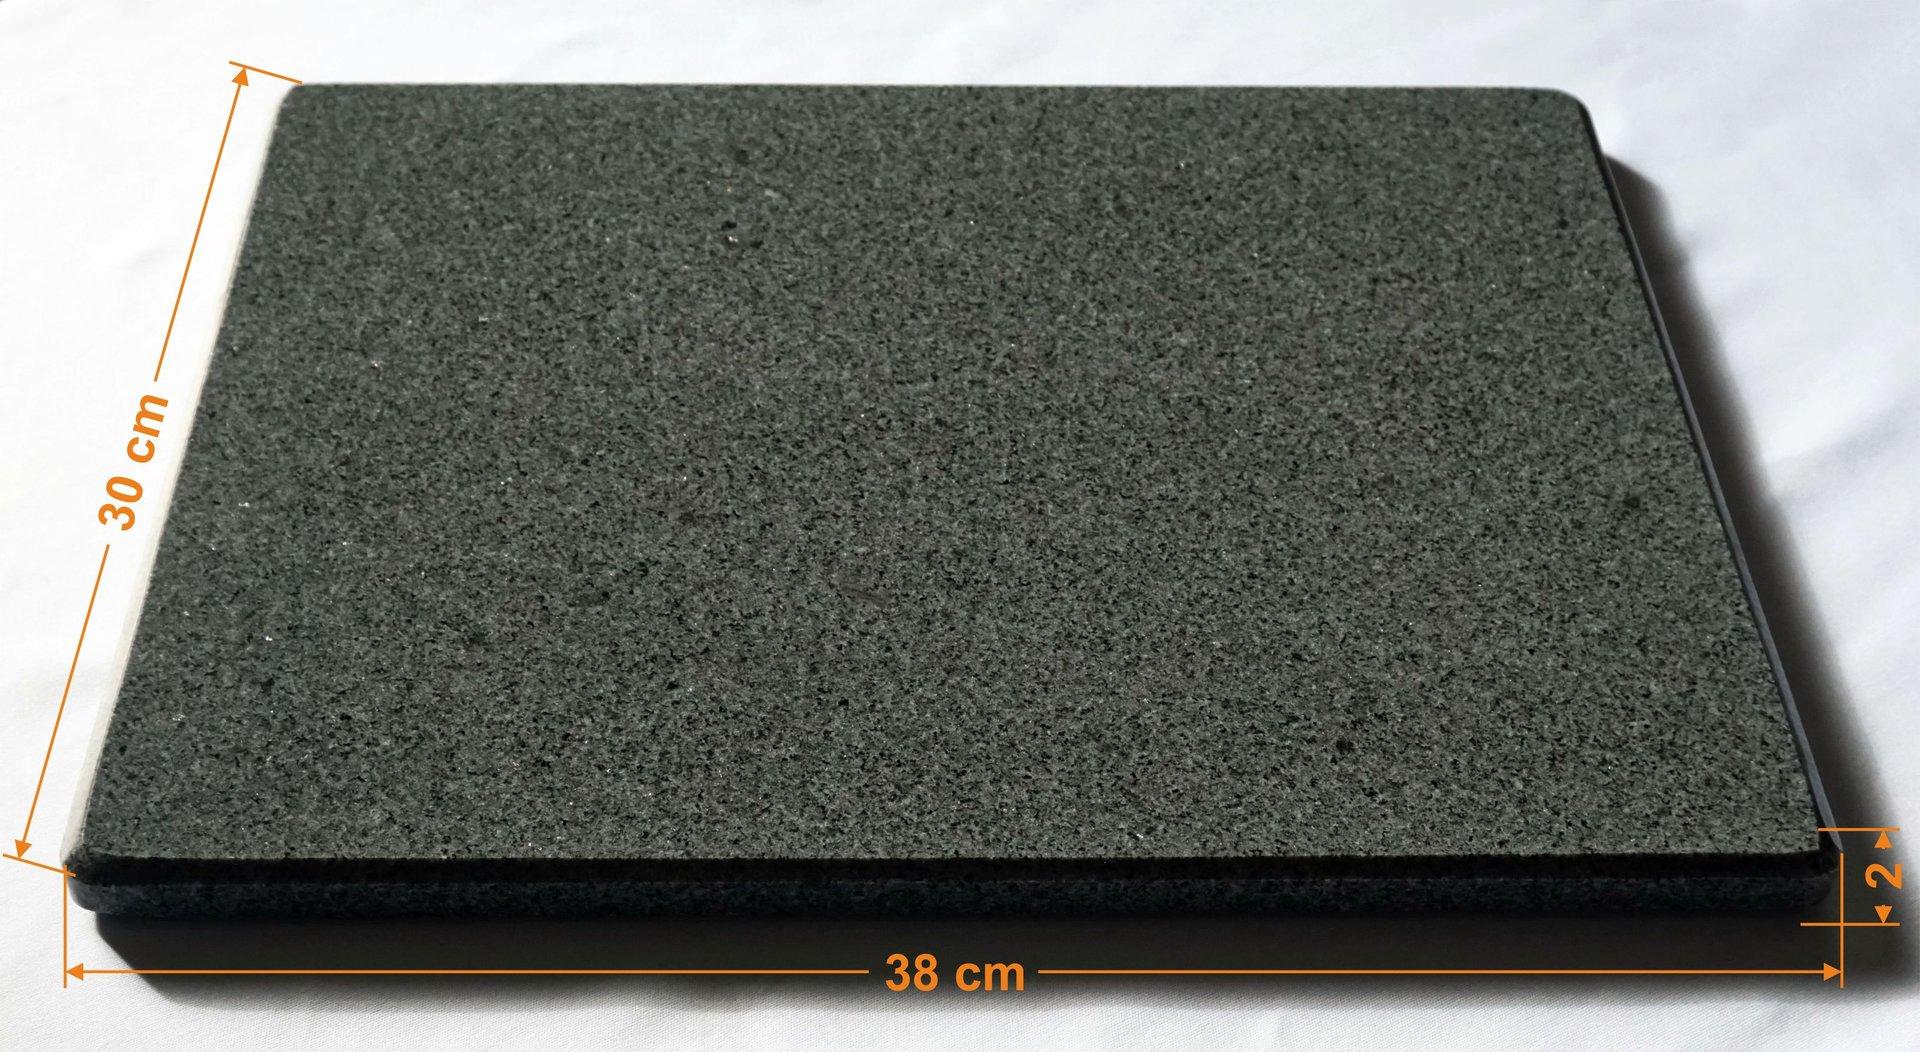 Pizzastein aus granit u2013 Mischungsverhältnis zement ~ 01235330_Backstein Schamotte Aus Cordierit